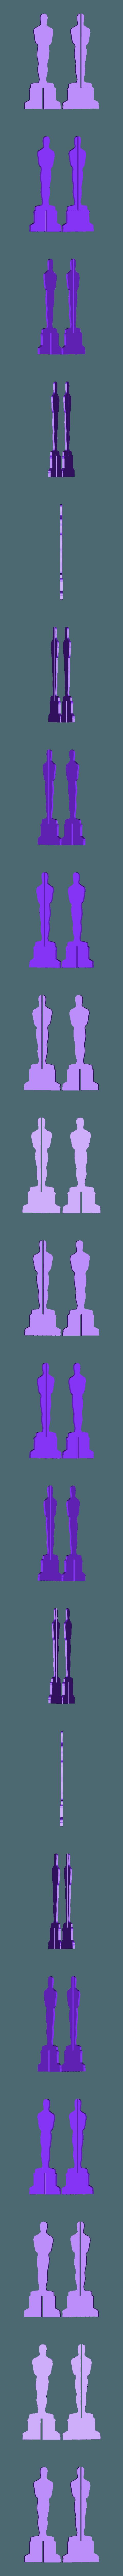 Brilliant_Robo-Hillar5.stl Télécharger fichier STL gratuit Oscar, trophée imprimable en 3d • Objet imprimable en 3D, 3dlito